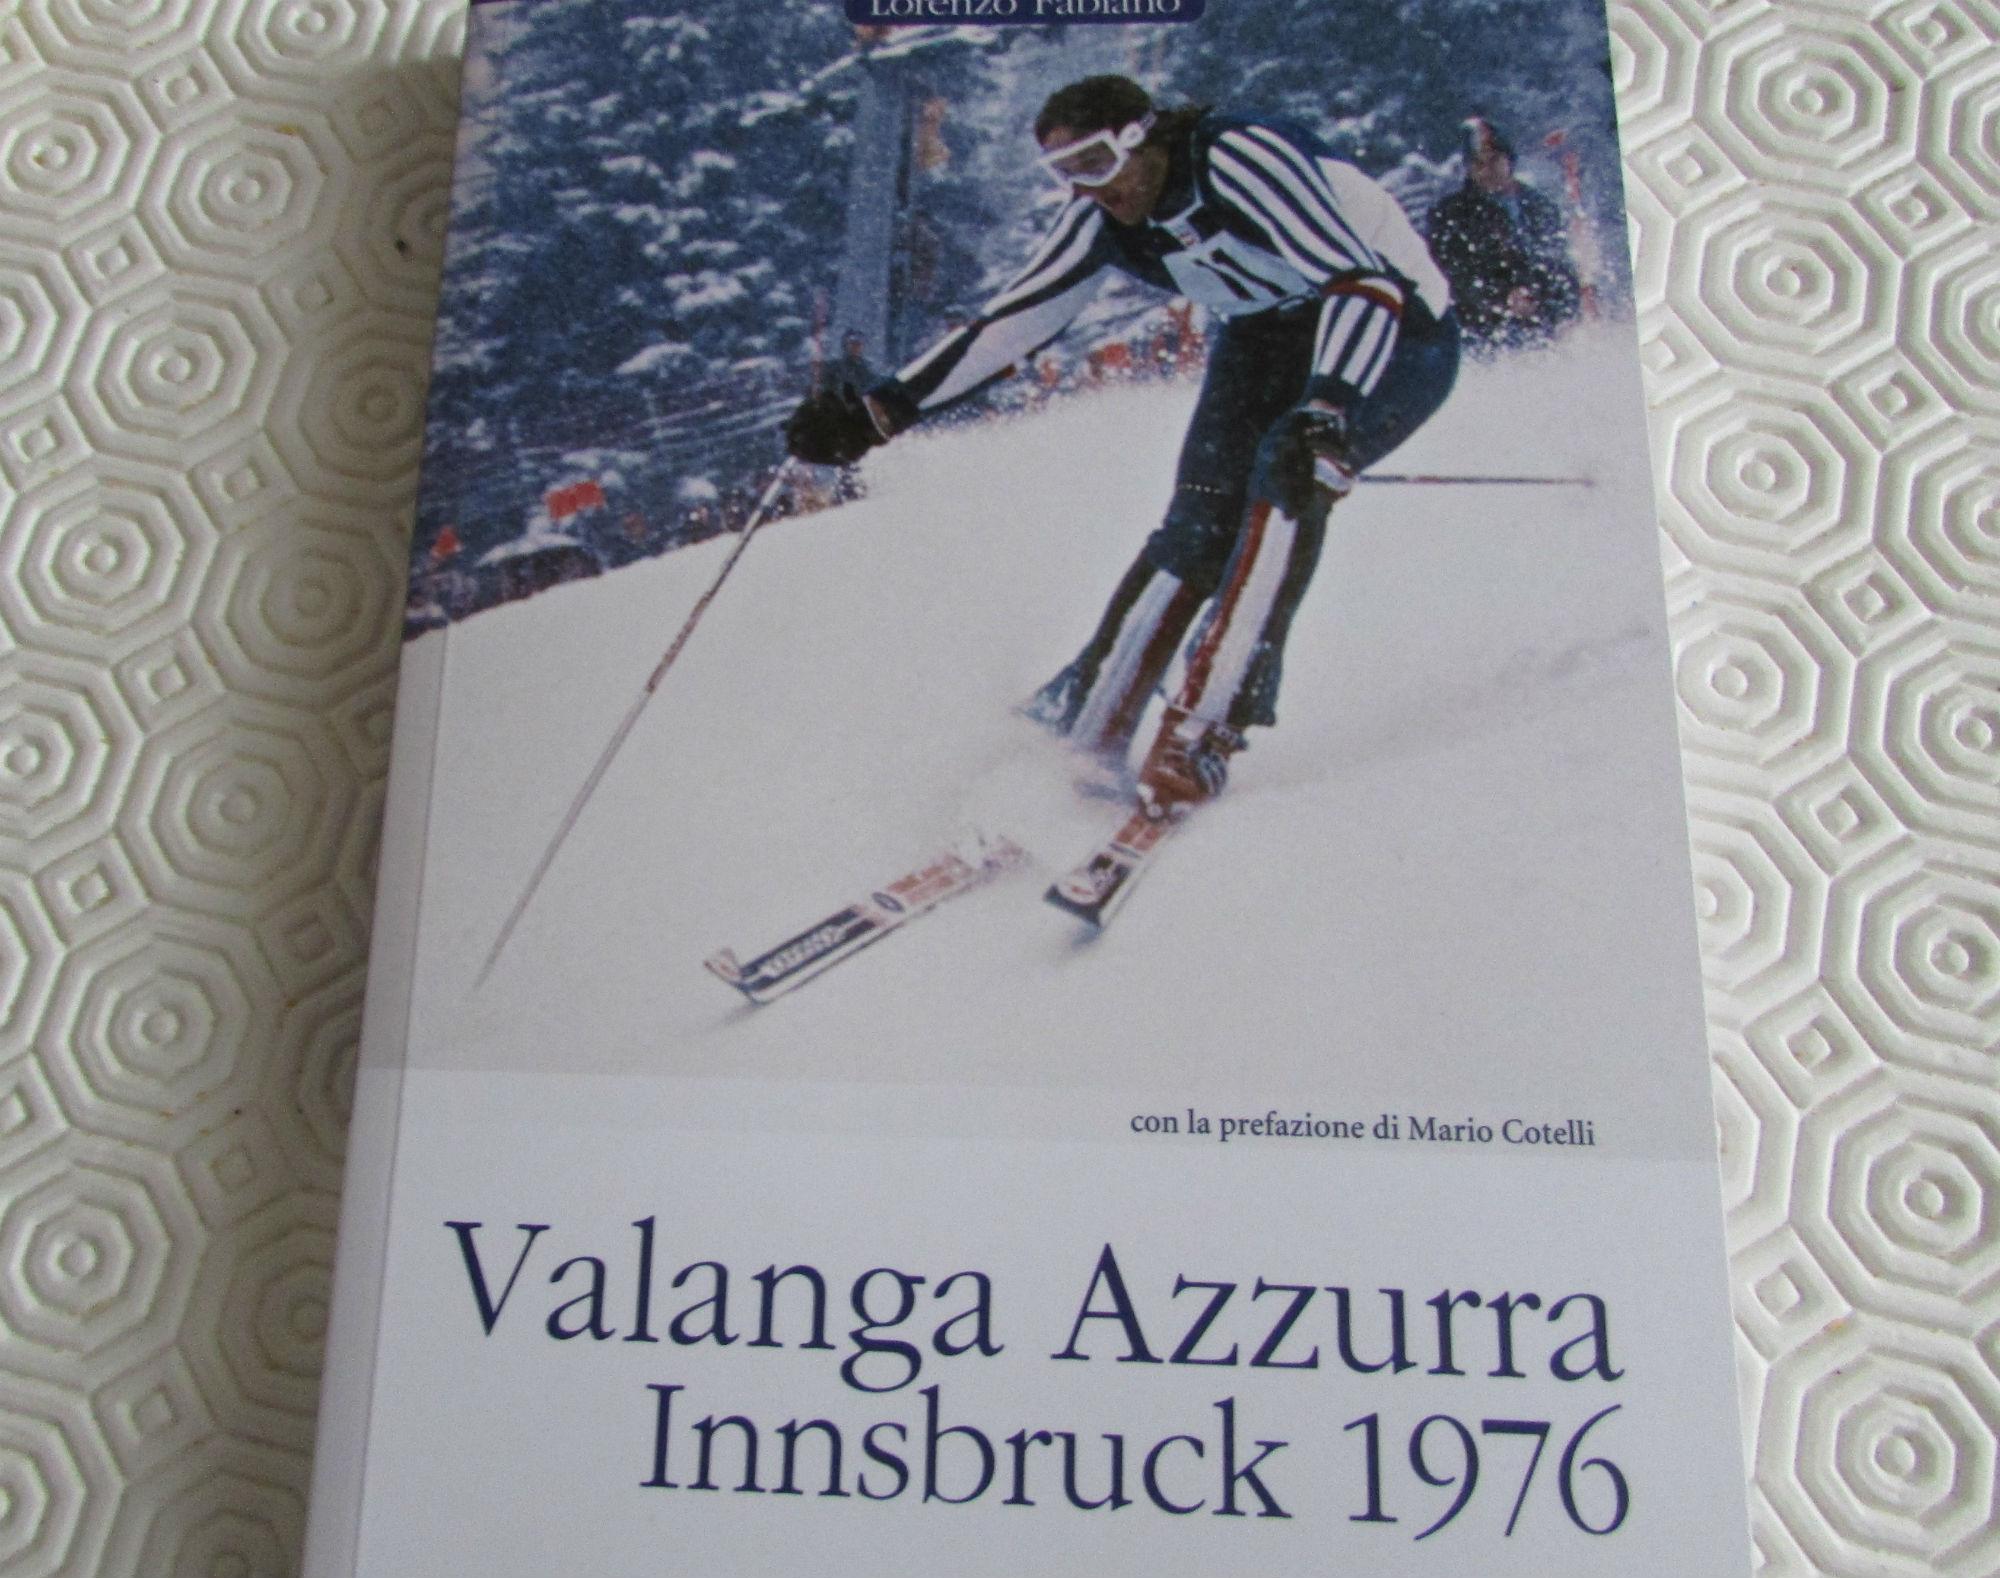 Un'Olimpiade leggendaria per l'Italia dello sci alpino: Gros e Thoeni oro e argento in slalom, Giordani argento nello slalom donne e Plank bronzo in discesa